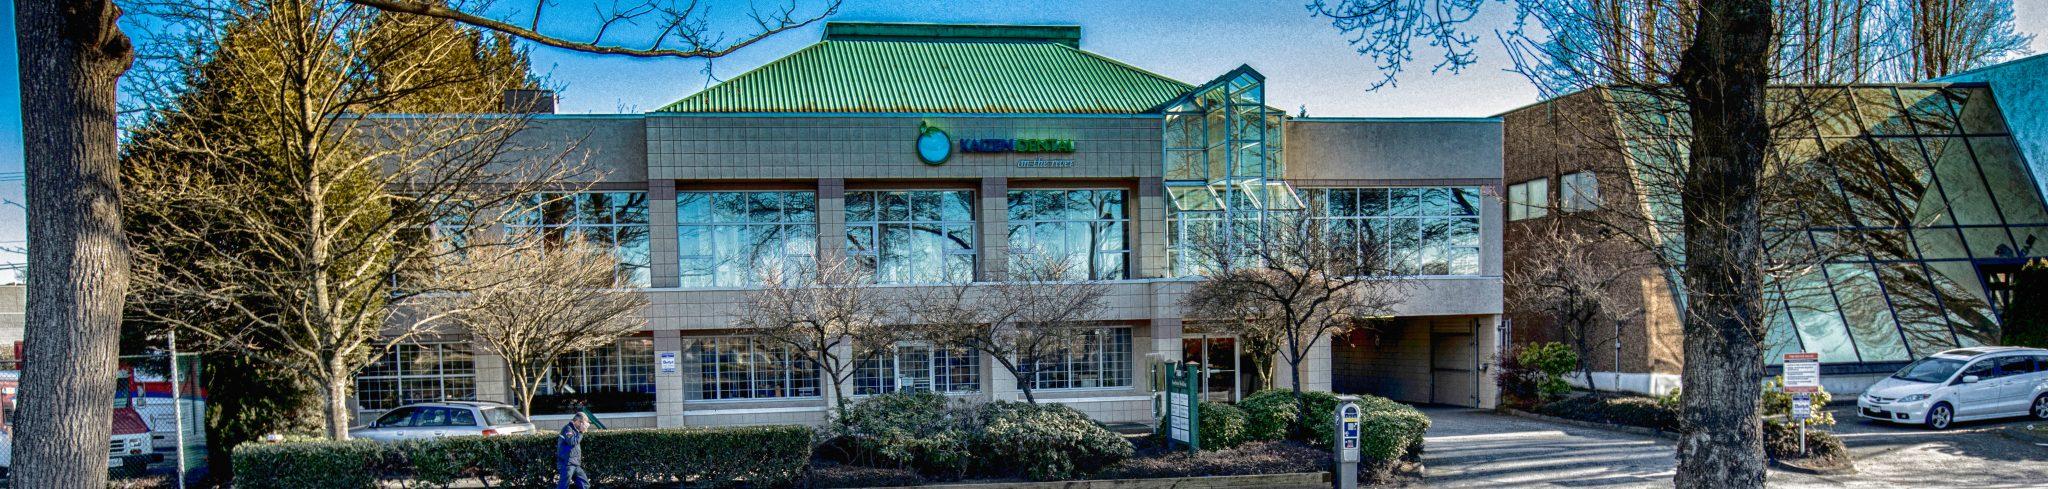 Richmond Dentists | Kaizen Dental | dental office exterior